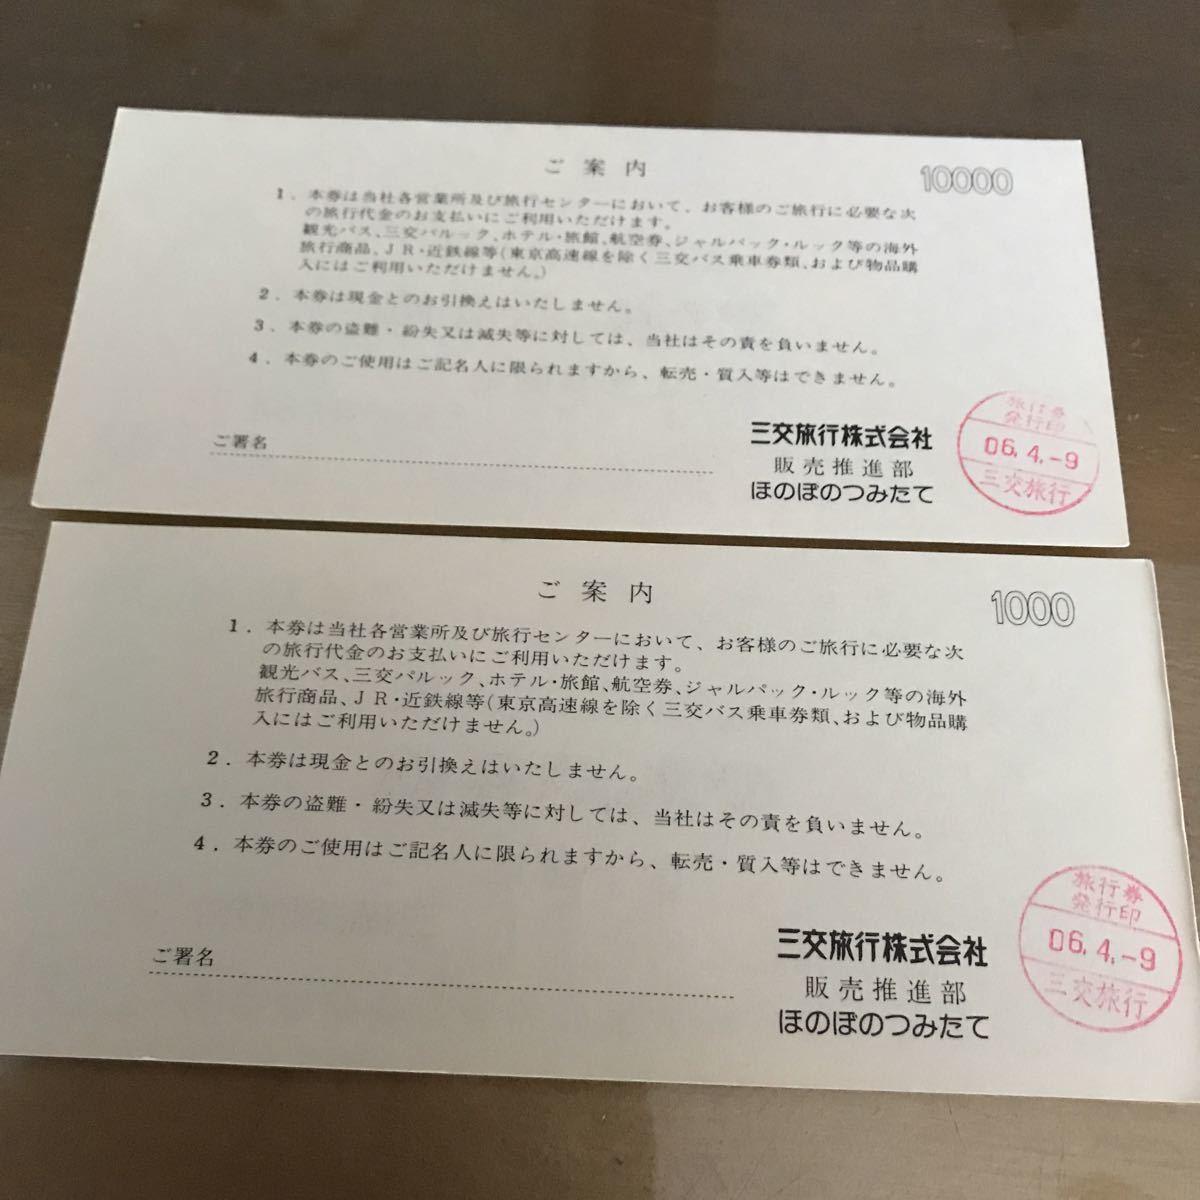 三交旅行 ほのぼの旅行券 53000円分 送料無料_画像3